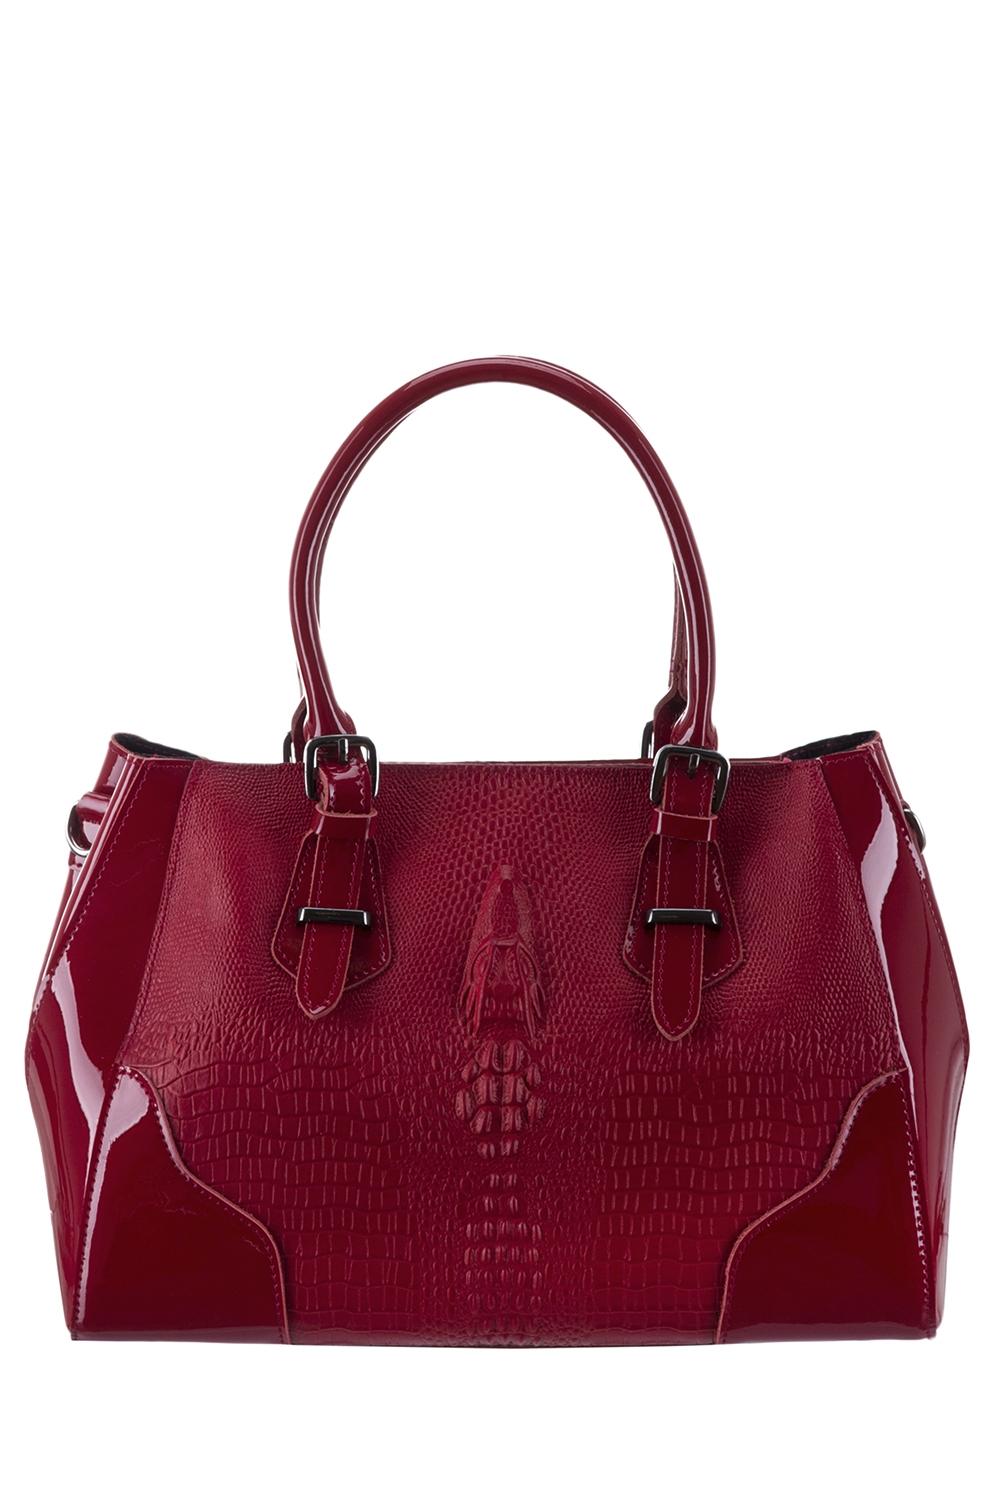 СумкаКлассические<br>Удобная и вместительная женская сумка. Модель выполнена из материалов двух фактур. Отличный выбор для завершения образа.  Цвет: бордовый  Параметры: 32*23*10 см.<br><br>По материалу: Искусственная кожа,Лакированная кожа<br>По размеру: Средние<br>По рисунку: Однотонные,Фактурный рисунок<br>По способу ношения: В руках<br>По степени жесткости: Мягкие<br>По элементам: Карман на молнии,Карман под телефон<br>Ручки: Короткие<br>По сезону: Всесезон<br>По форме: Прямоугольные<br>Размер : UNI<br>Материал: Искусственная кожа<br>Количество в наличии: 1